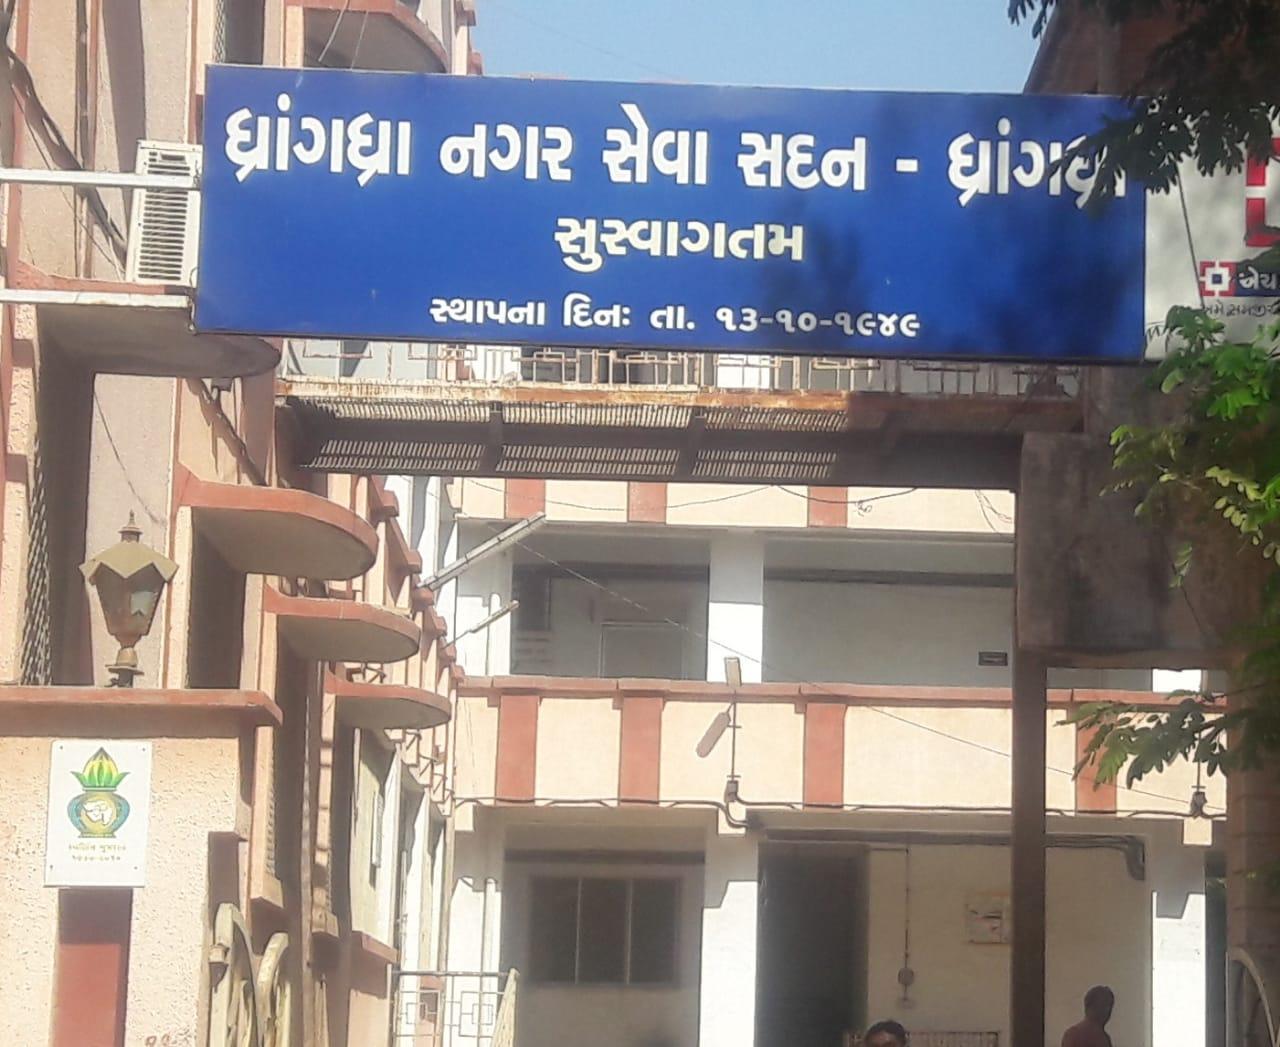 ધ્રાંગધ્રા નગરપાલિકાના ભૂગર્ભ ગટર યોજનાના 19.27 કરોડ રૂપિયાના કામોને સૈદ્ધાંતિક મંજૂરી - Divya Bhaskar